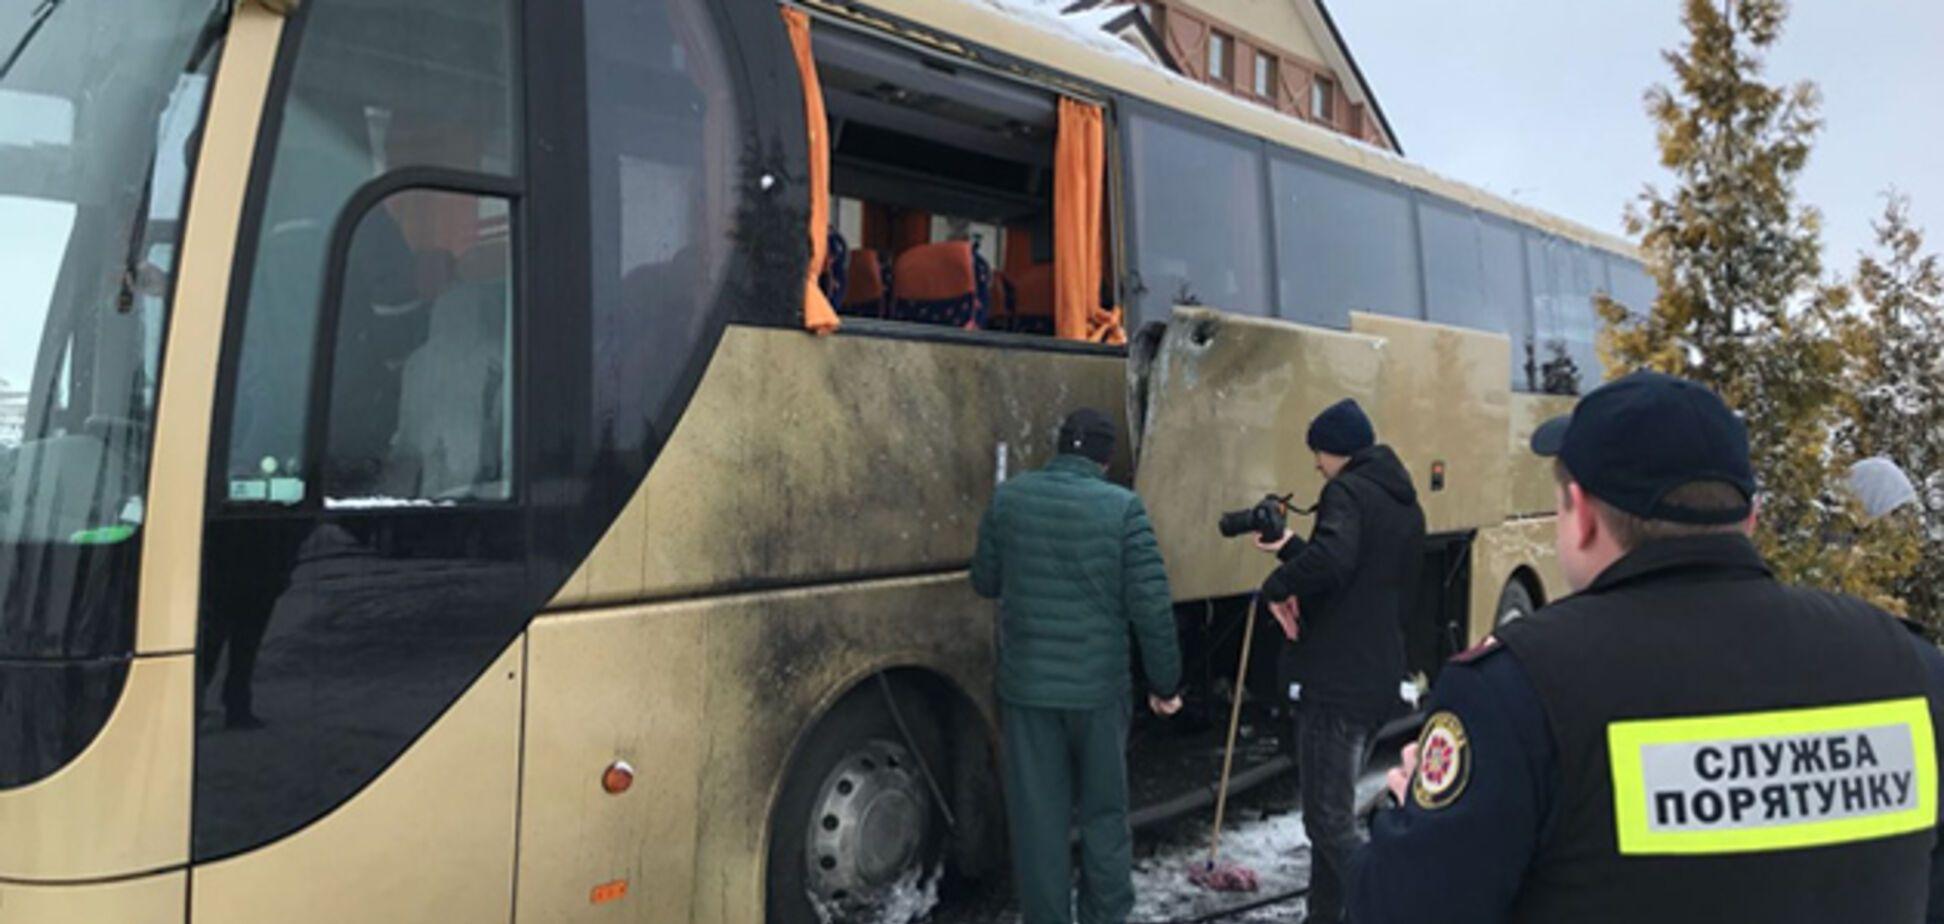 Подрыв польского автобуса: в СБУ заявили о теракте